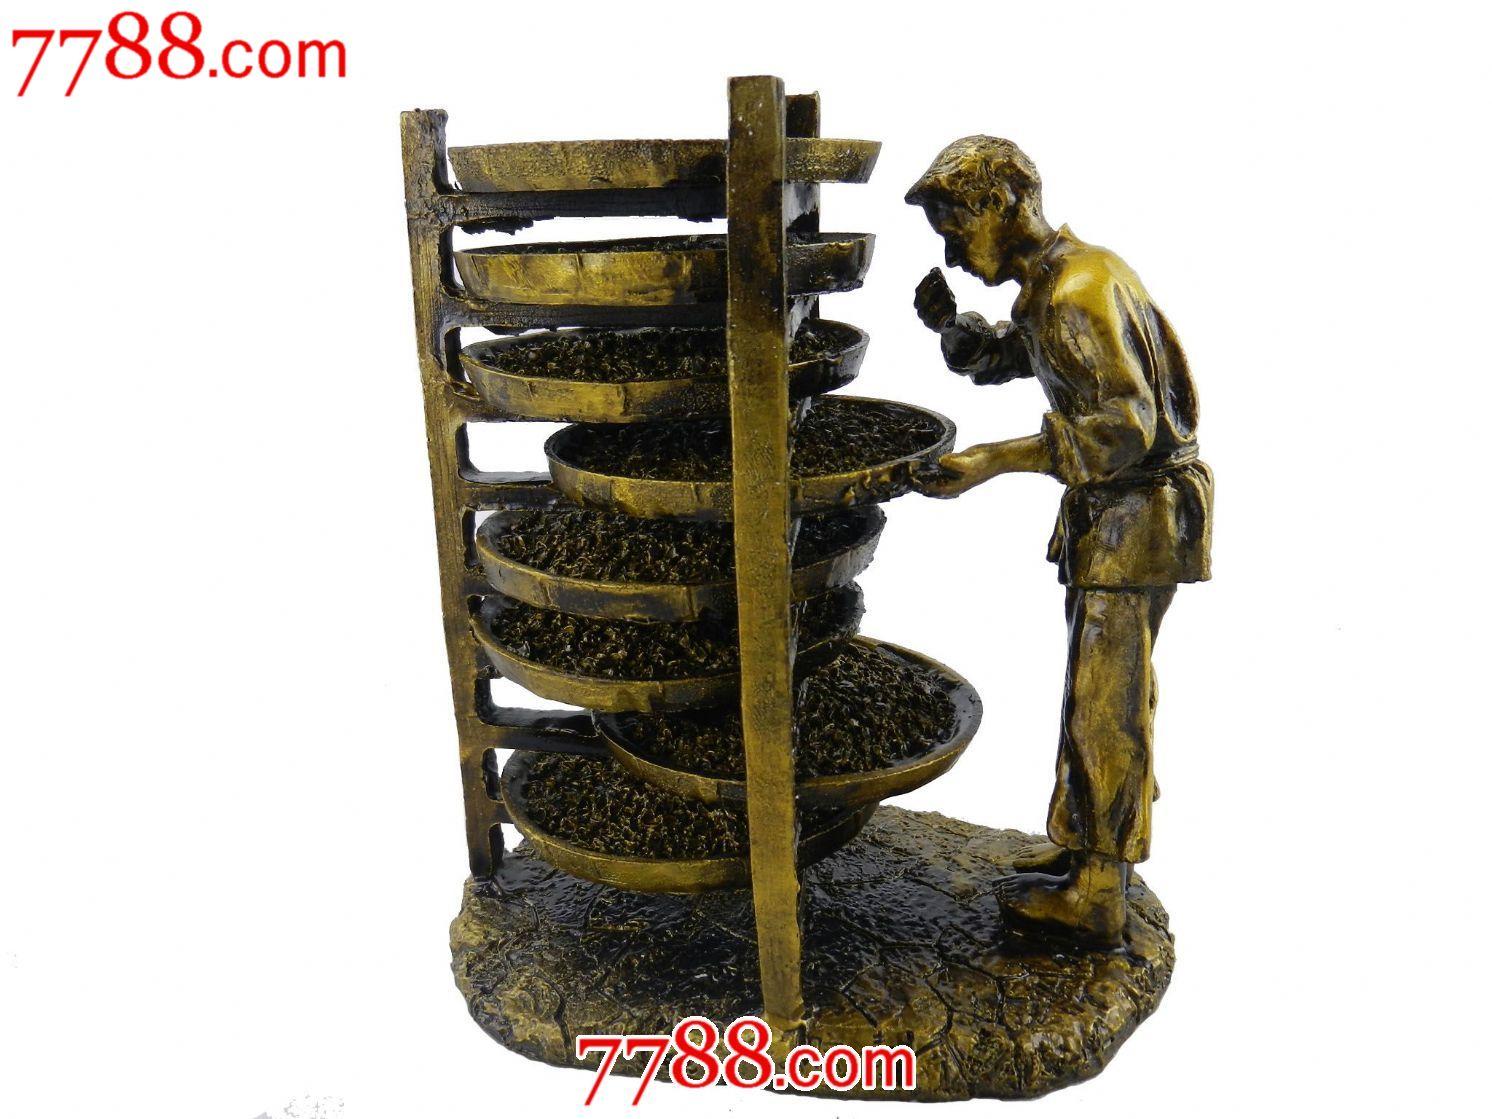 铁观音制作八大工艺雕塑工艺品摆件制茶八件套